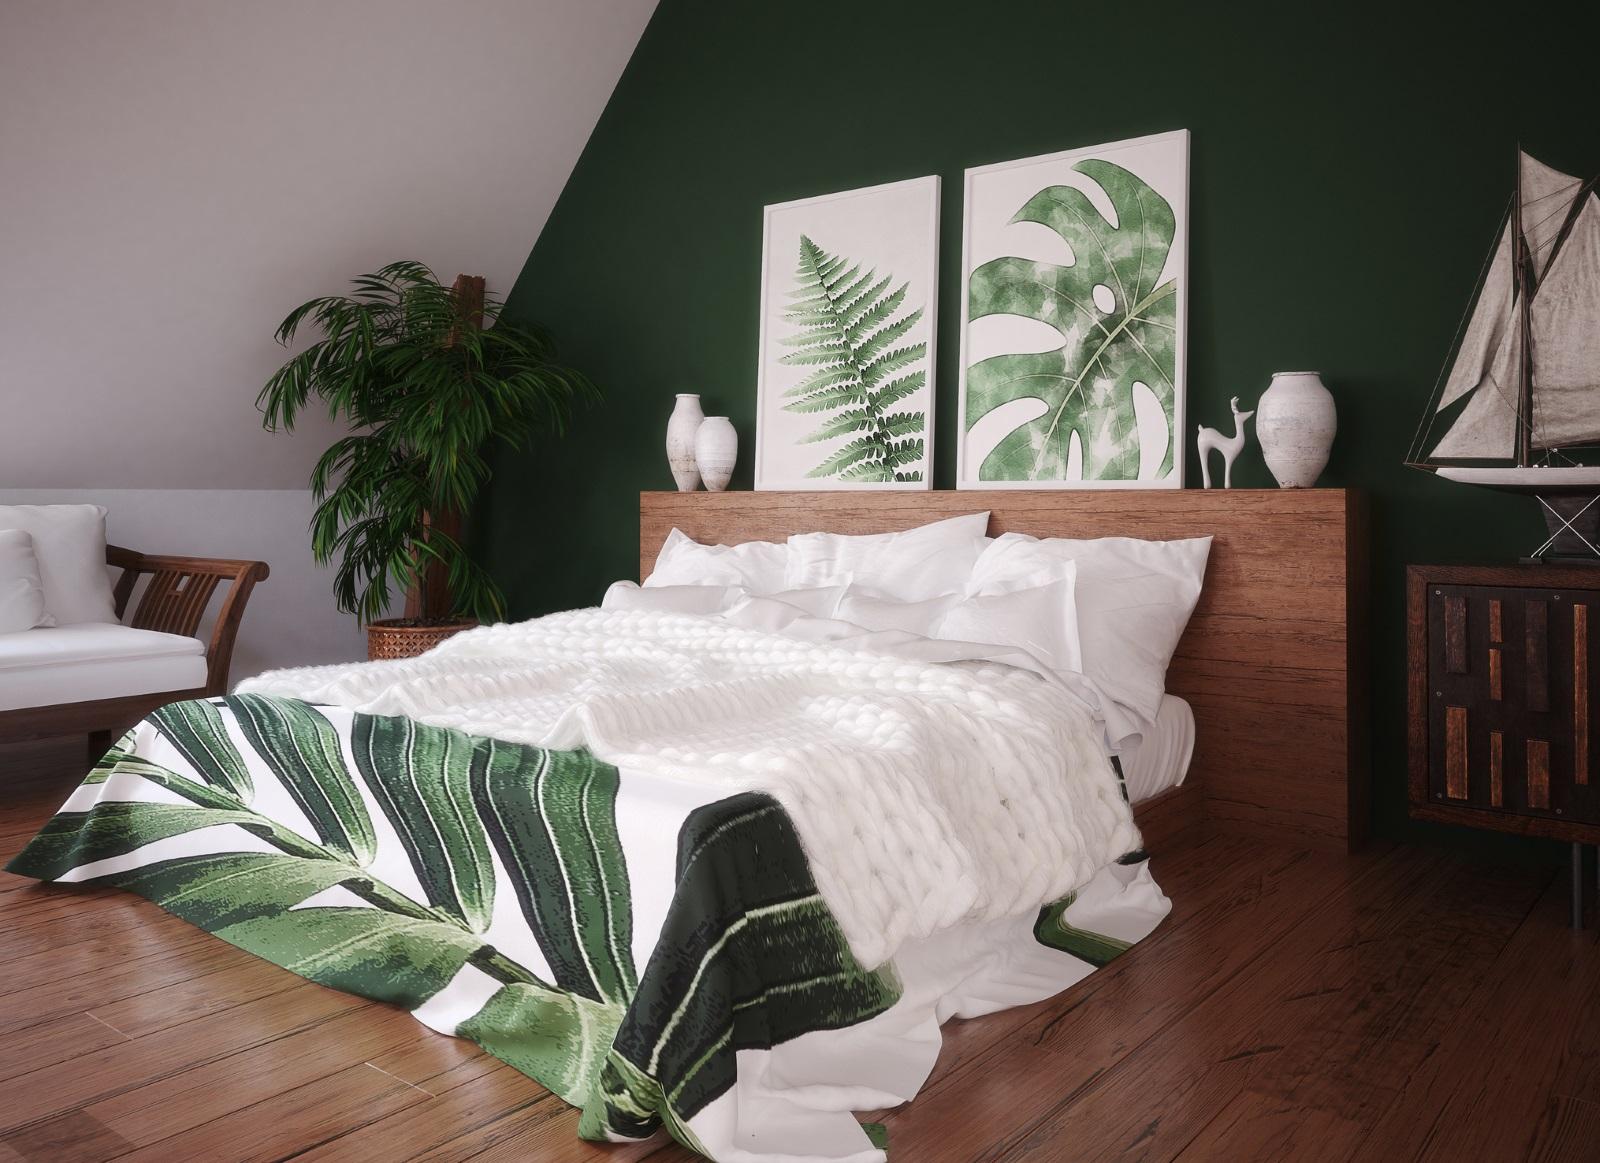 <p>Спалнята е място за отдих. Произведенията на изкуството, които изберете да поставите там, трябва да отразяват това.</p>